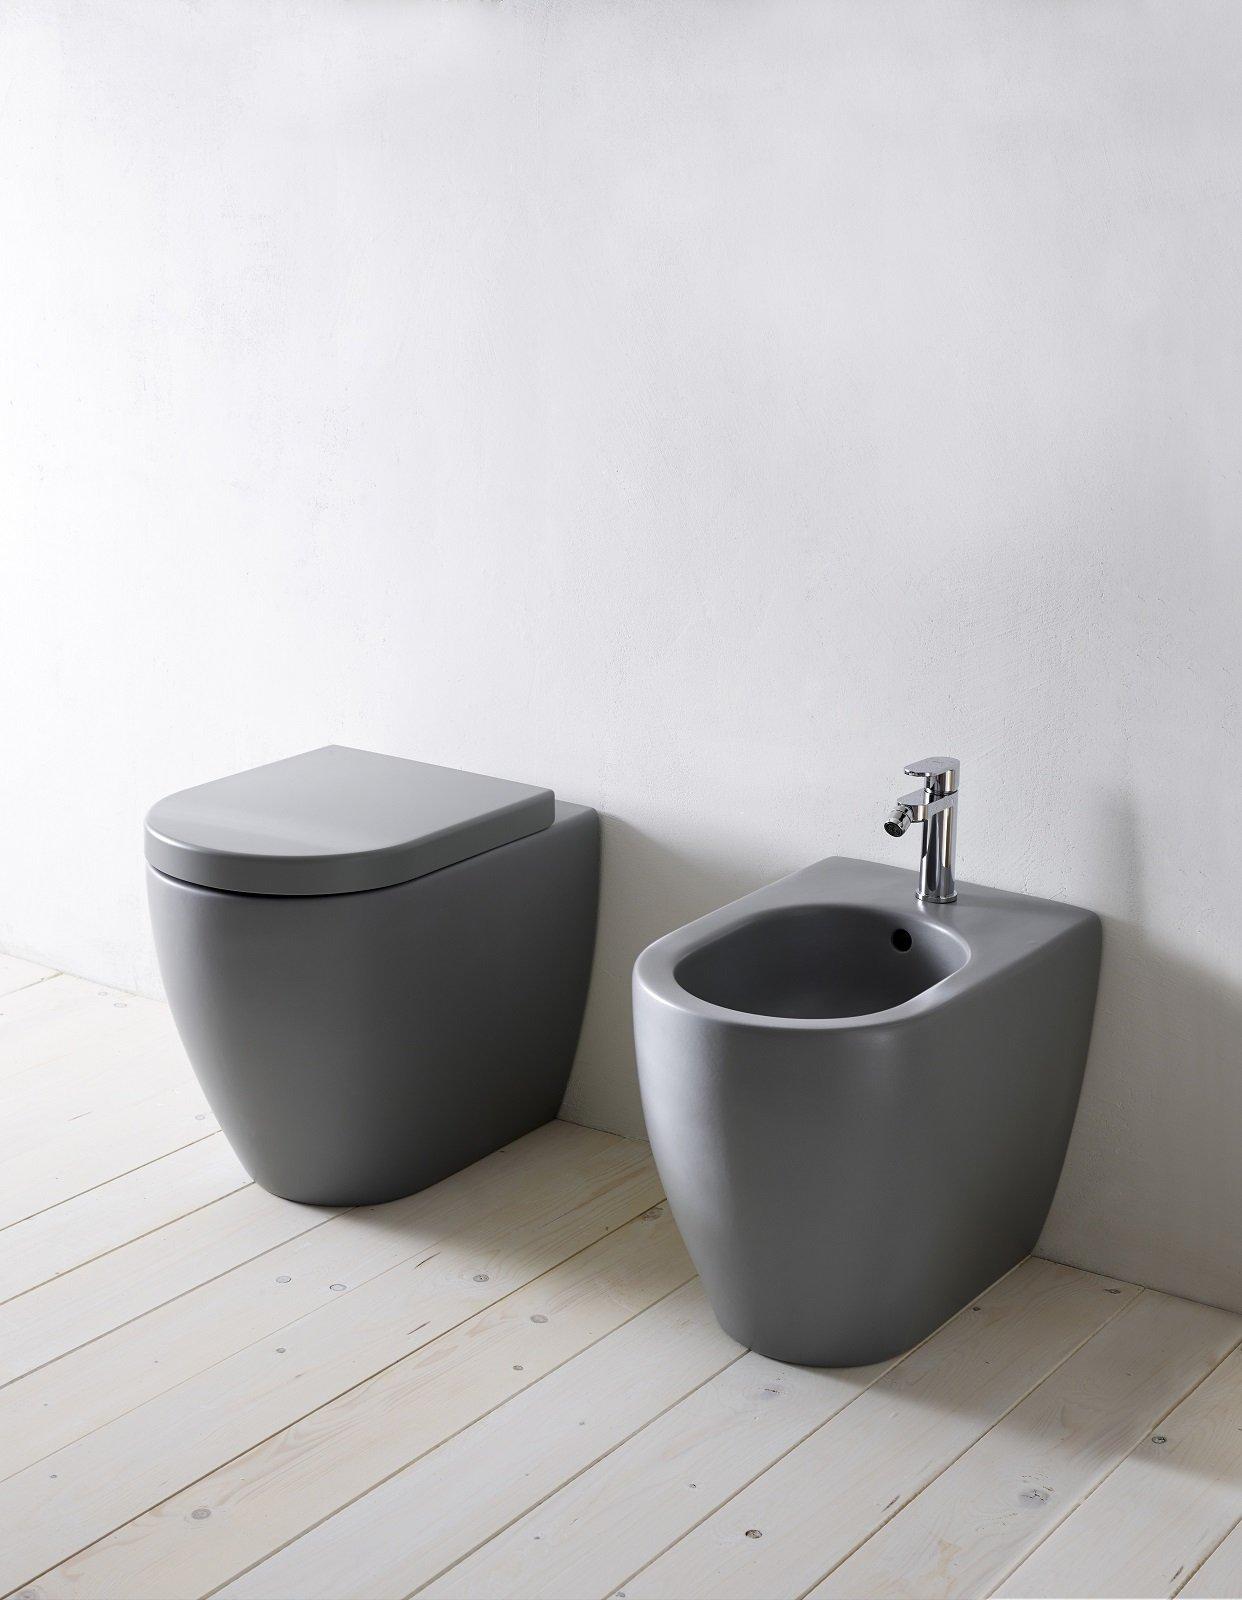 Eleganti vasi e bidet in stile minimal i sanitari salvaspazio for Sanitari cielo